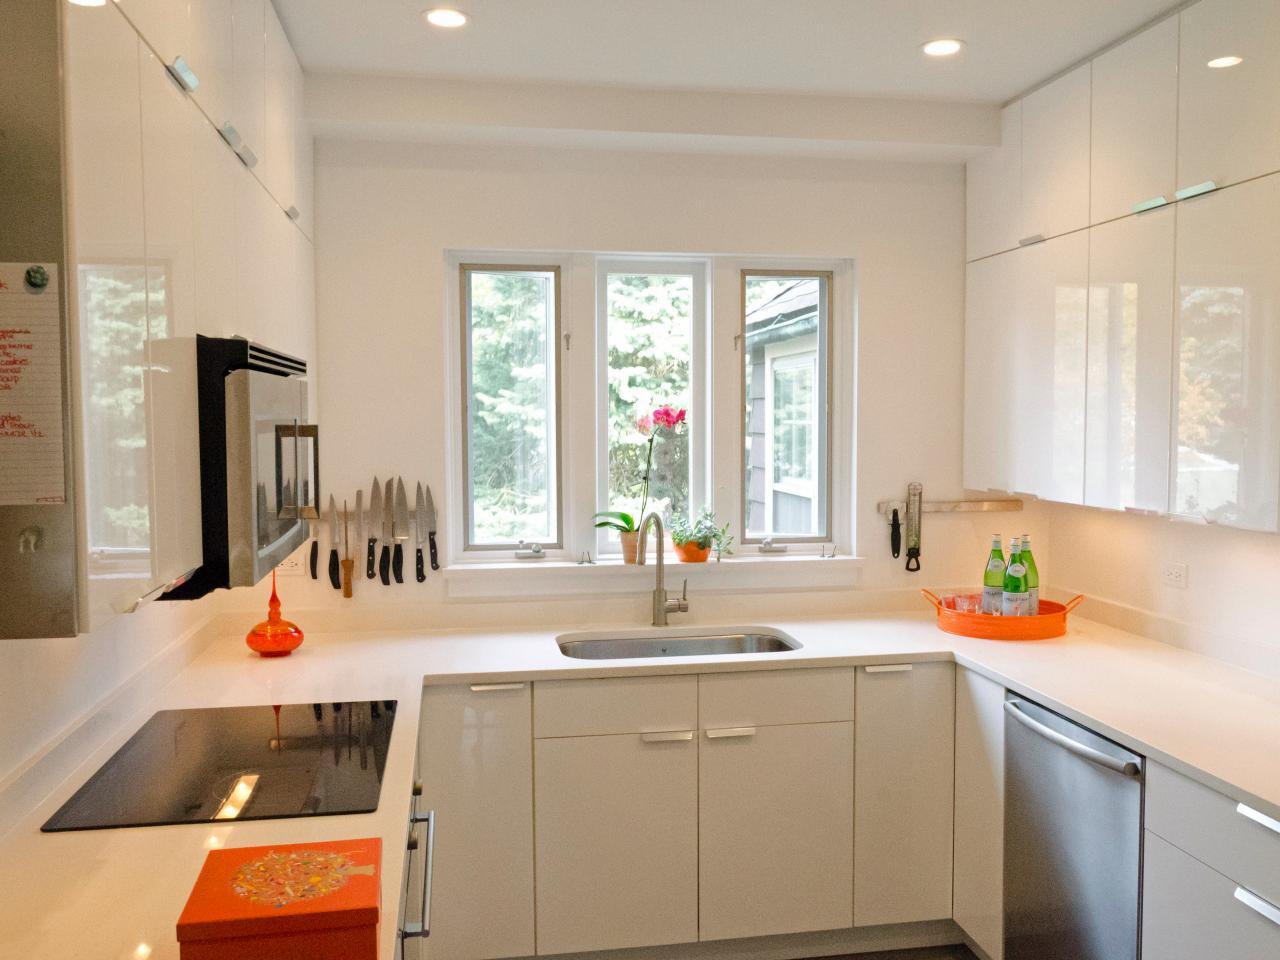 Những sai lầm nghiêm trọng trong thiết kế nhà bếp và giải pháp cực đơn giản